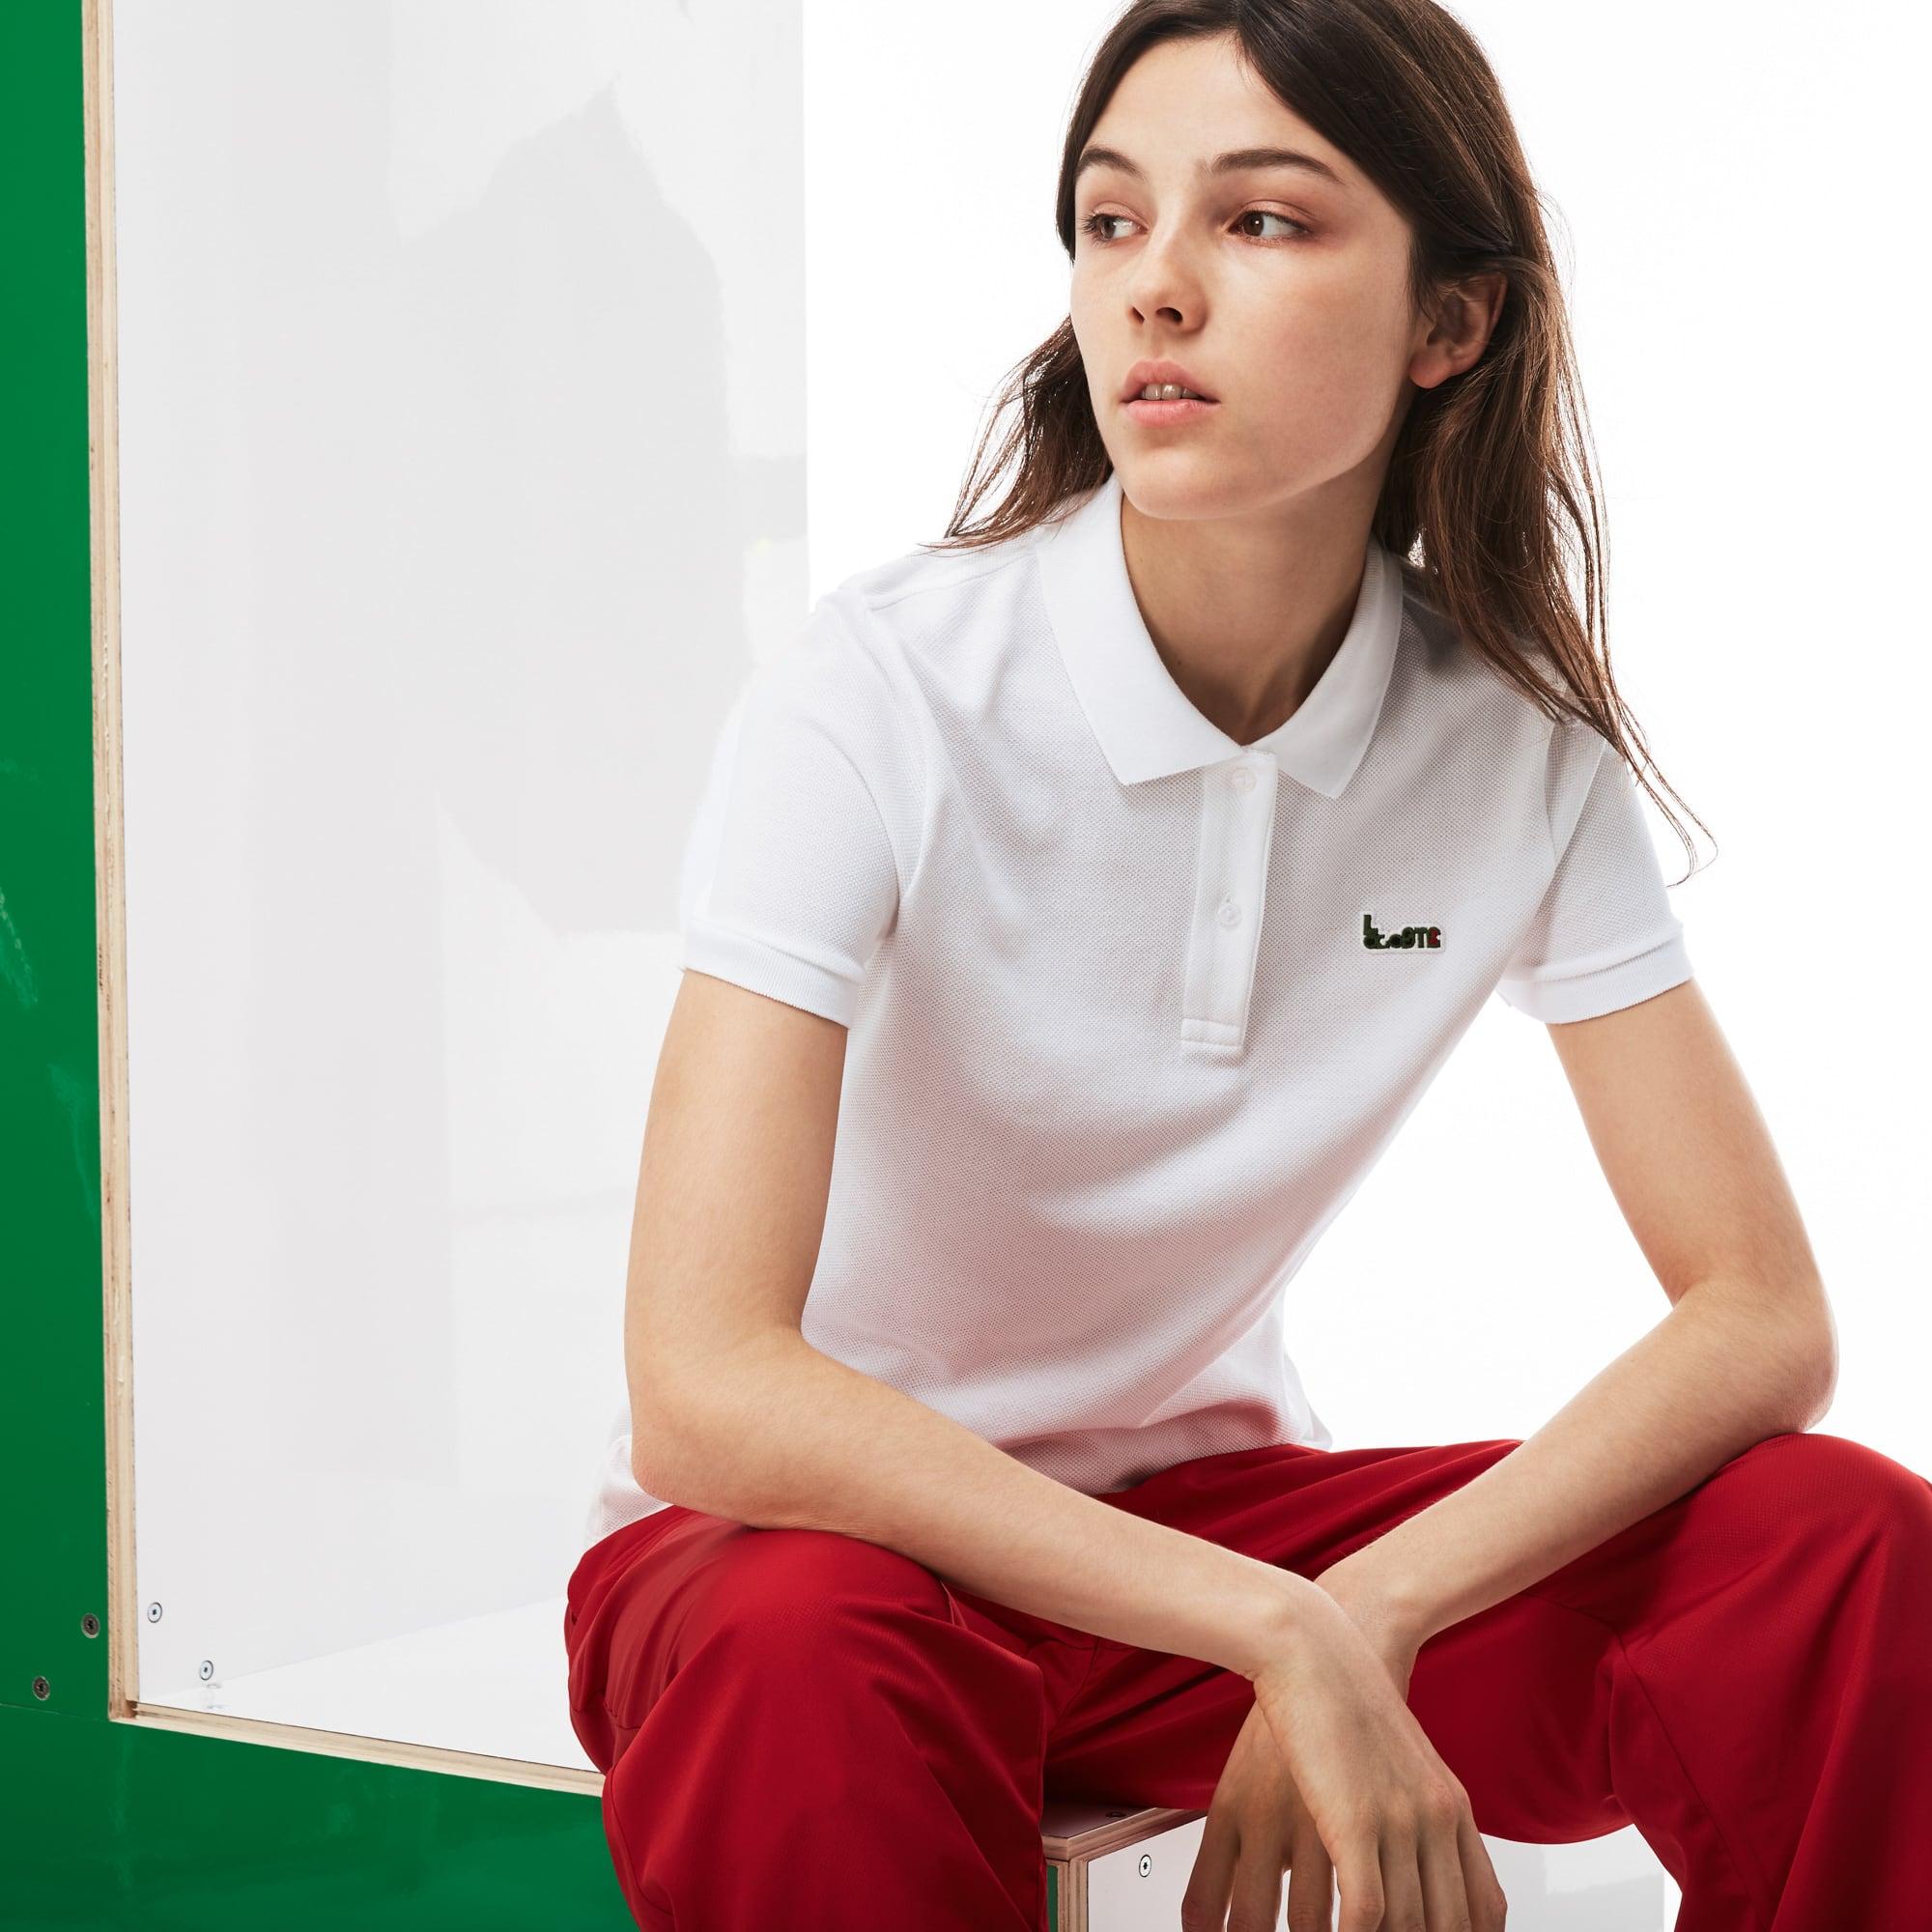 قميص بولو بقصة ضيقة من القطن السميك المحاك بأسلوب بيكيه من مجموعة Lacoste M/M للنساء